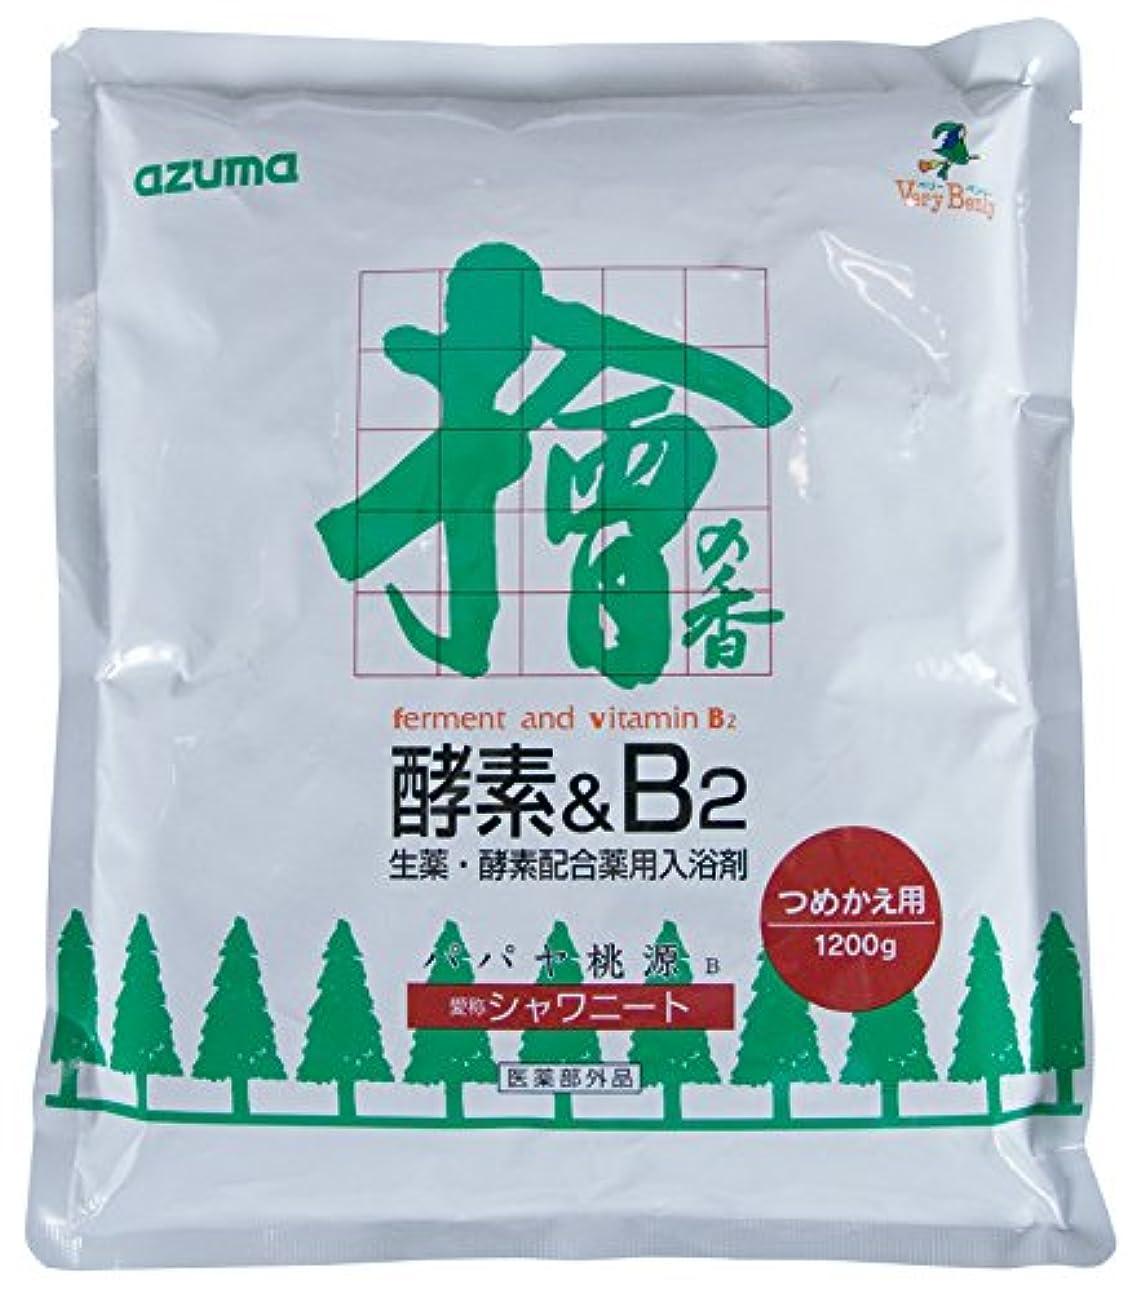 戸口伝統的抗生物質アズマ 『入浴剤』 生薬&酵素配合 TK ヒノキの香り シャワニート つめかえ用 1200g